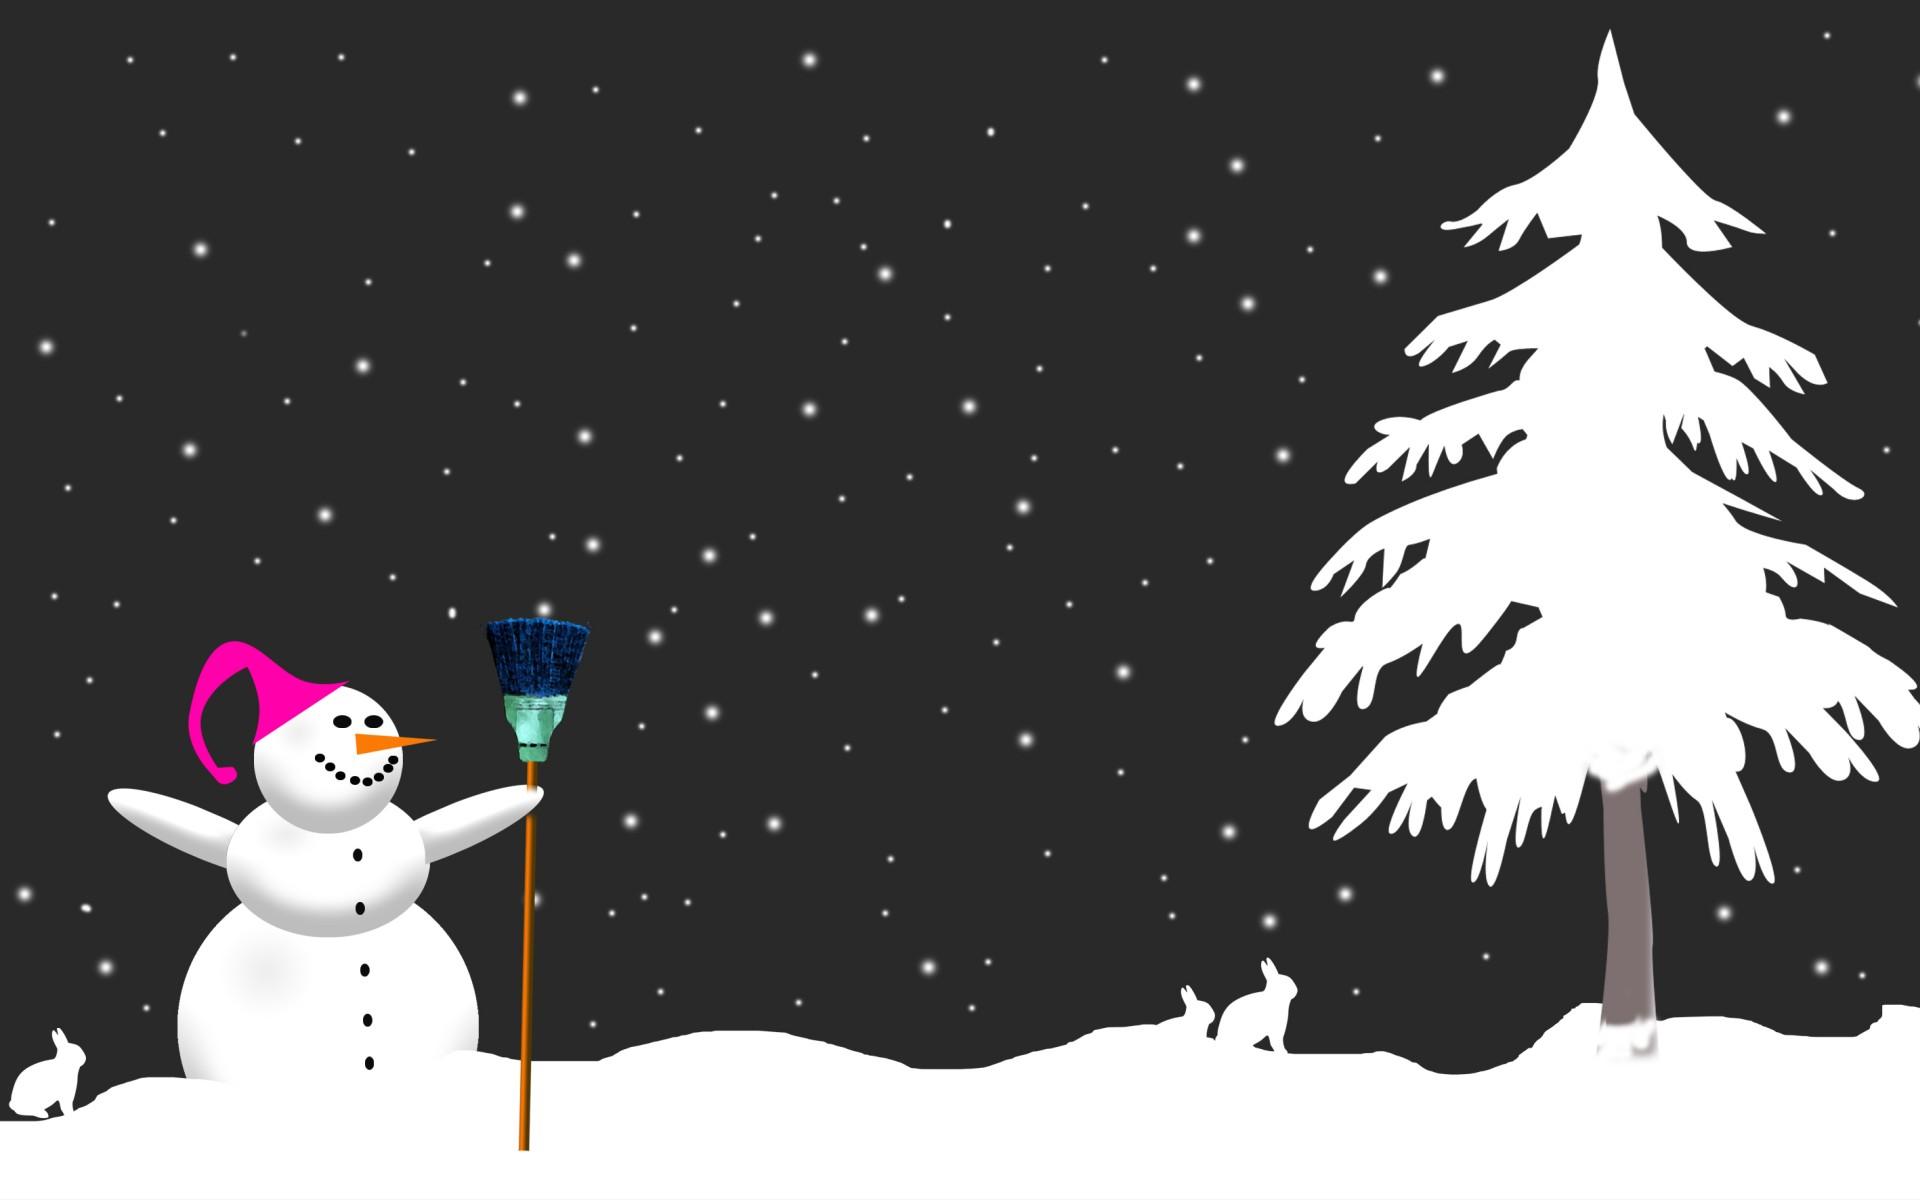 Muñeco de nieve - 1920x1200